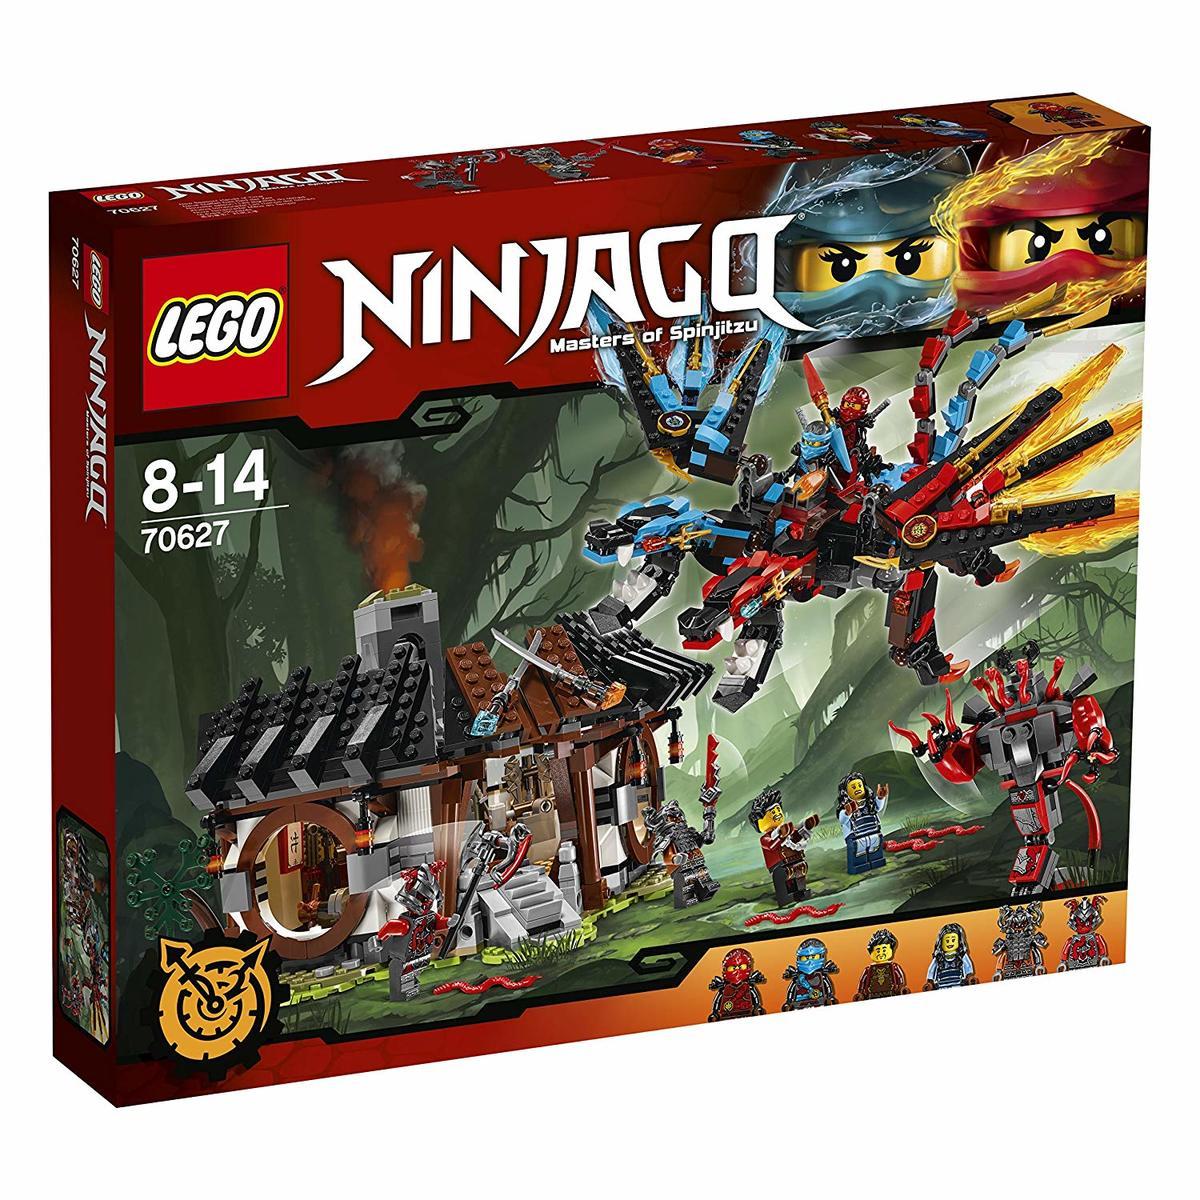 【送料無料 新品】レゴ(LEGO) ニンジャゴー エレメント・ドラゴン:ファイヤーオーシャン 70627